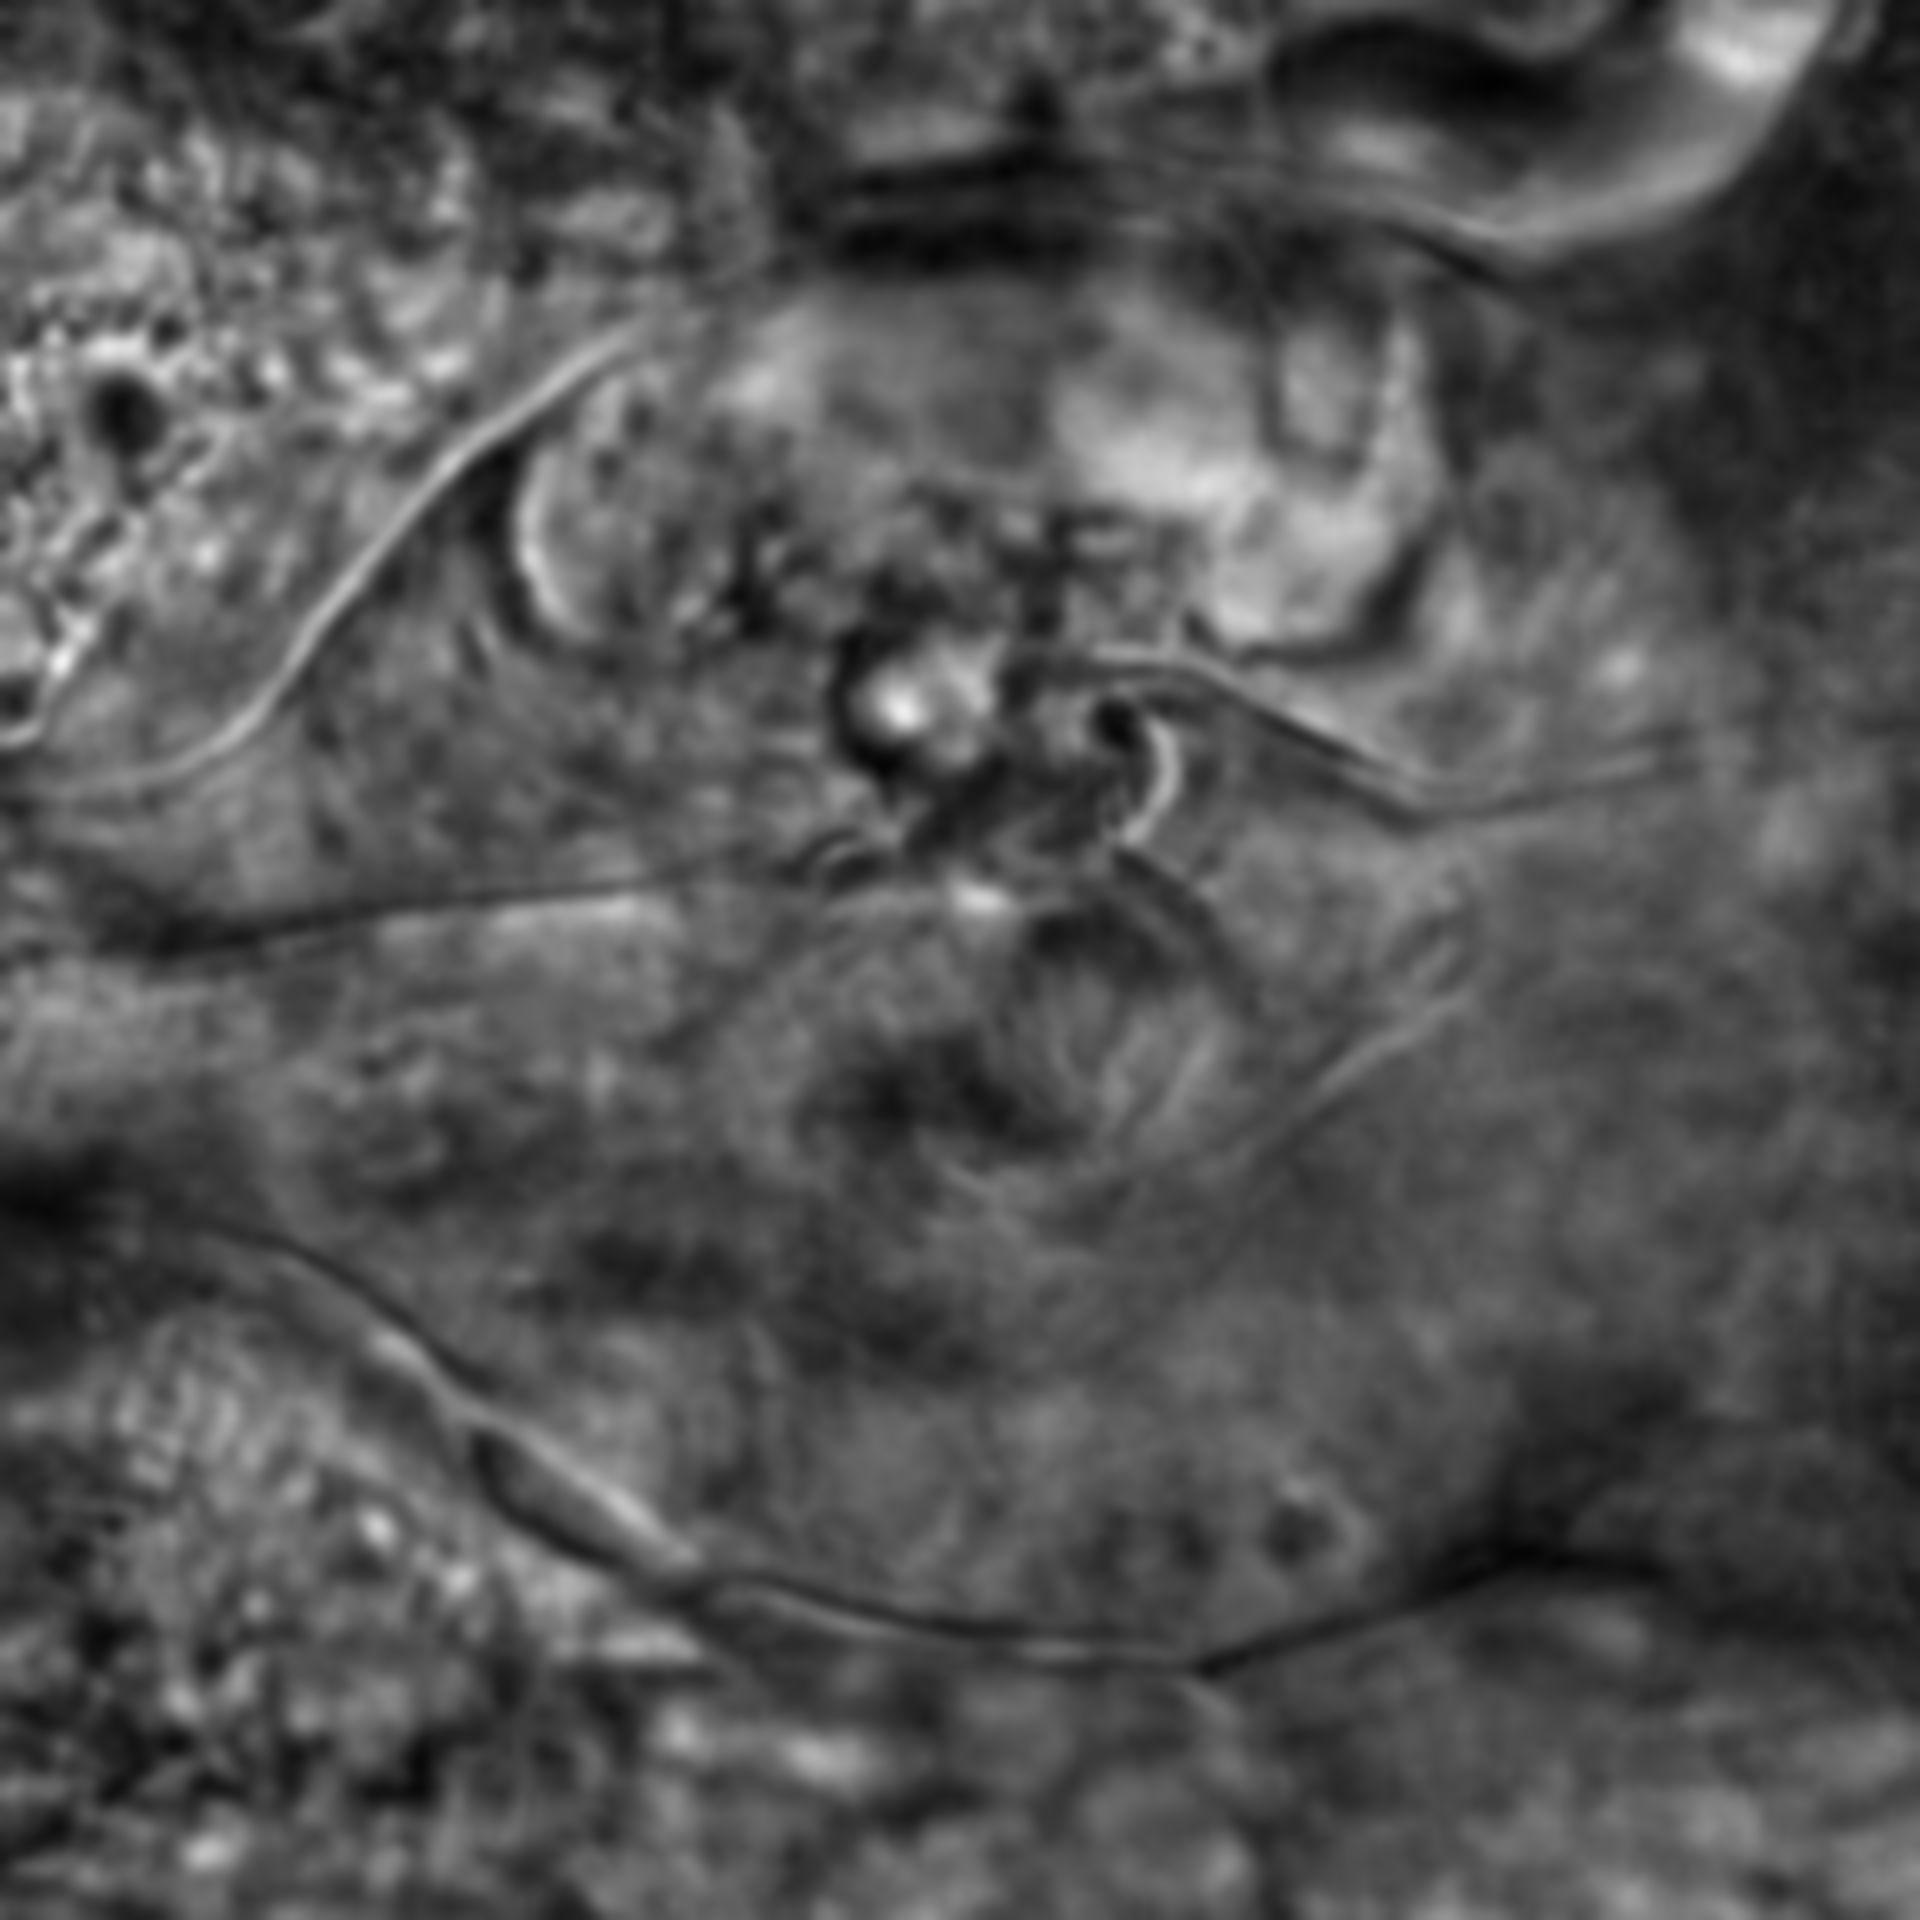 Caenorhabditis elegans - CIL:2715